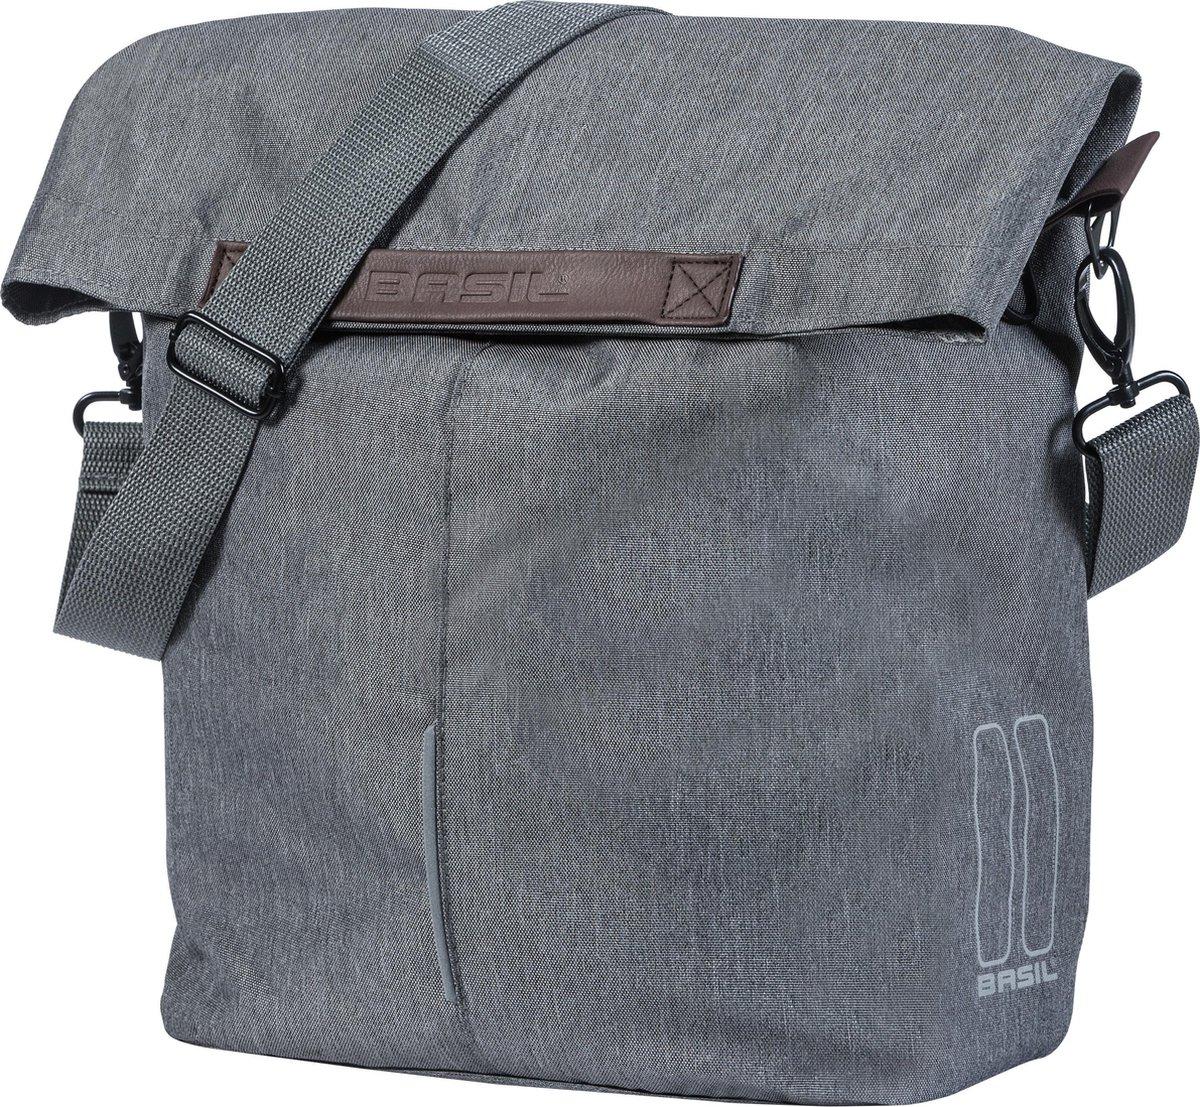 Basil City Shopper Fietstas - 16 liter - Grey melee